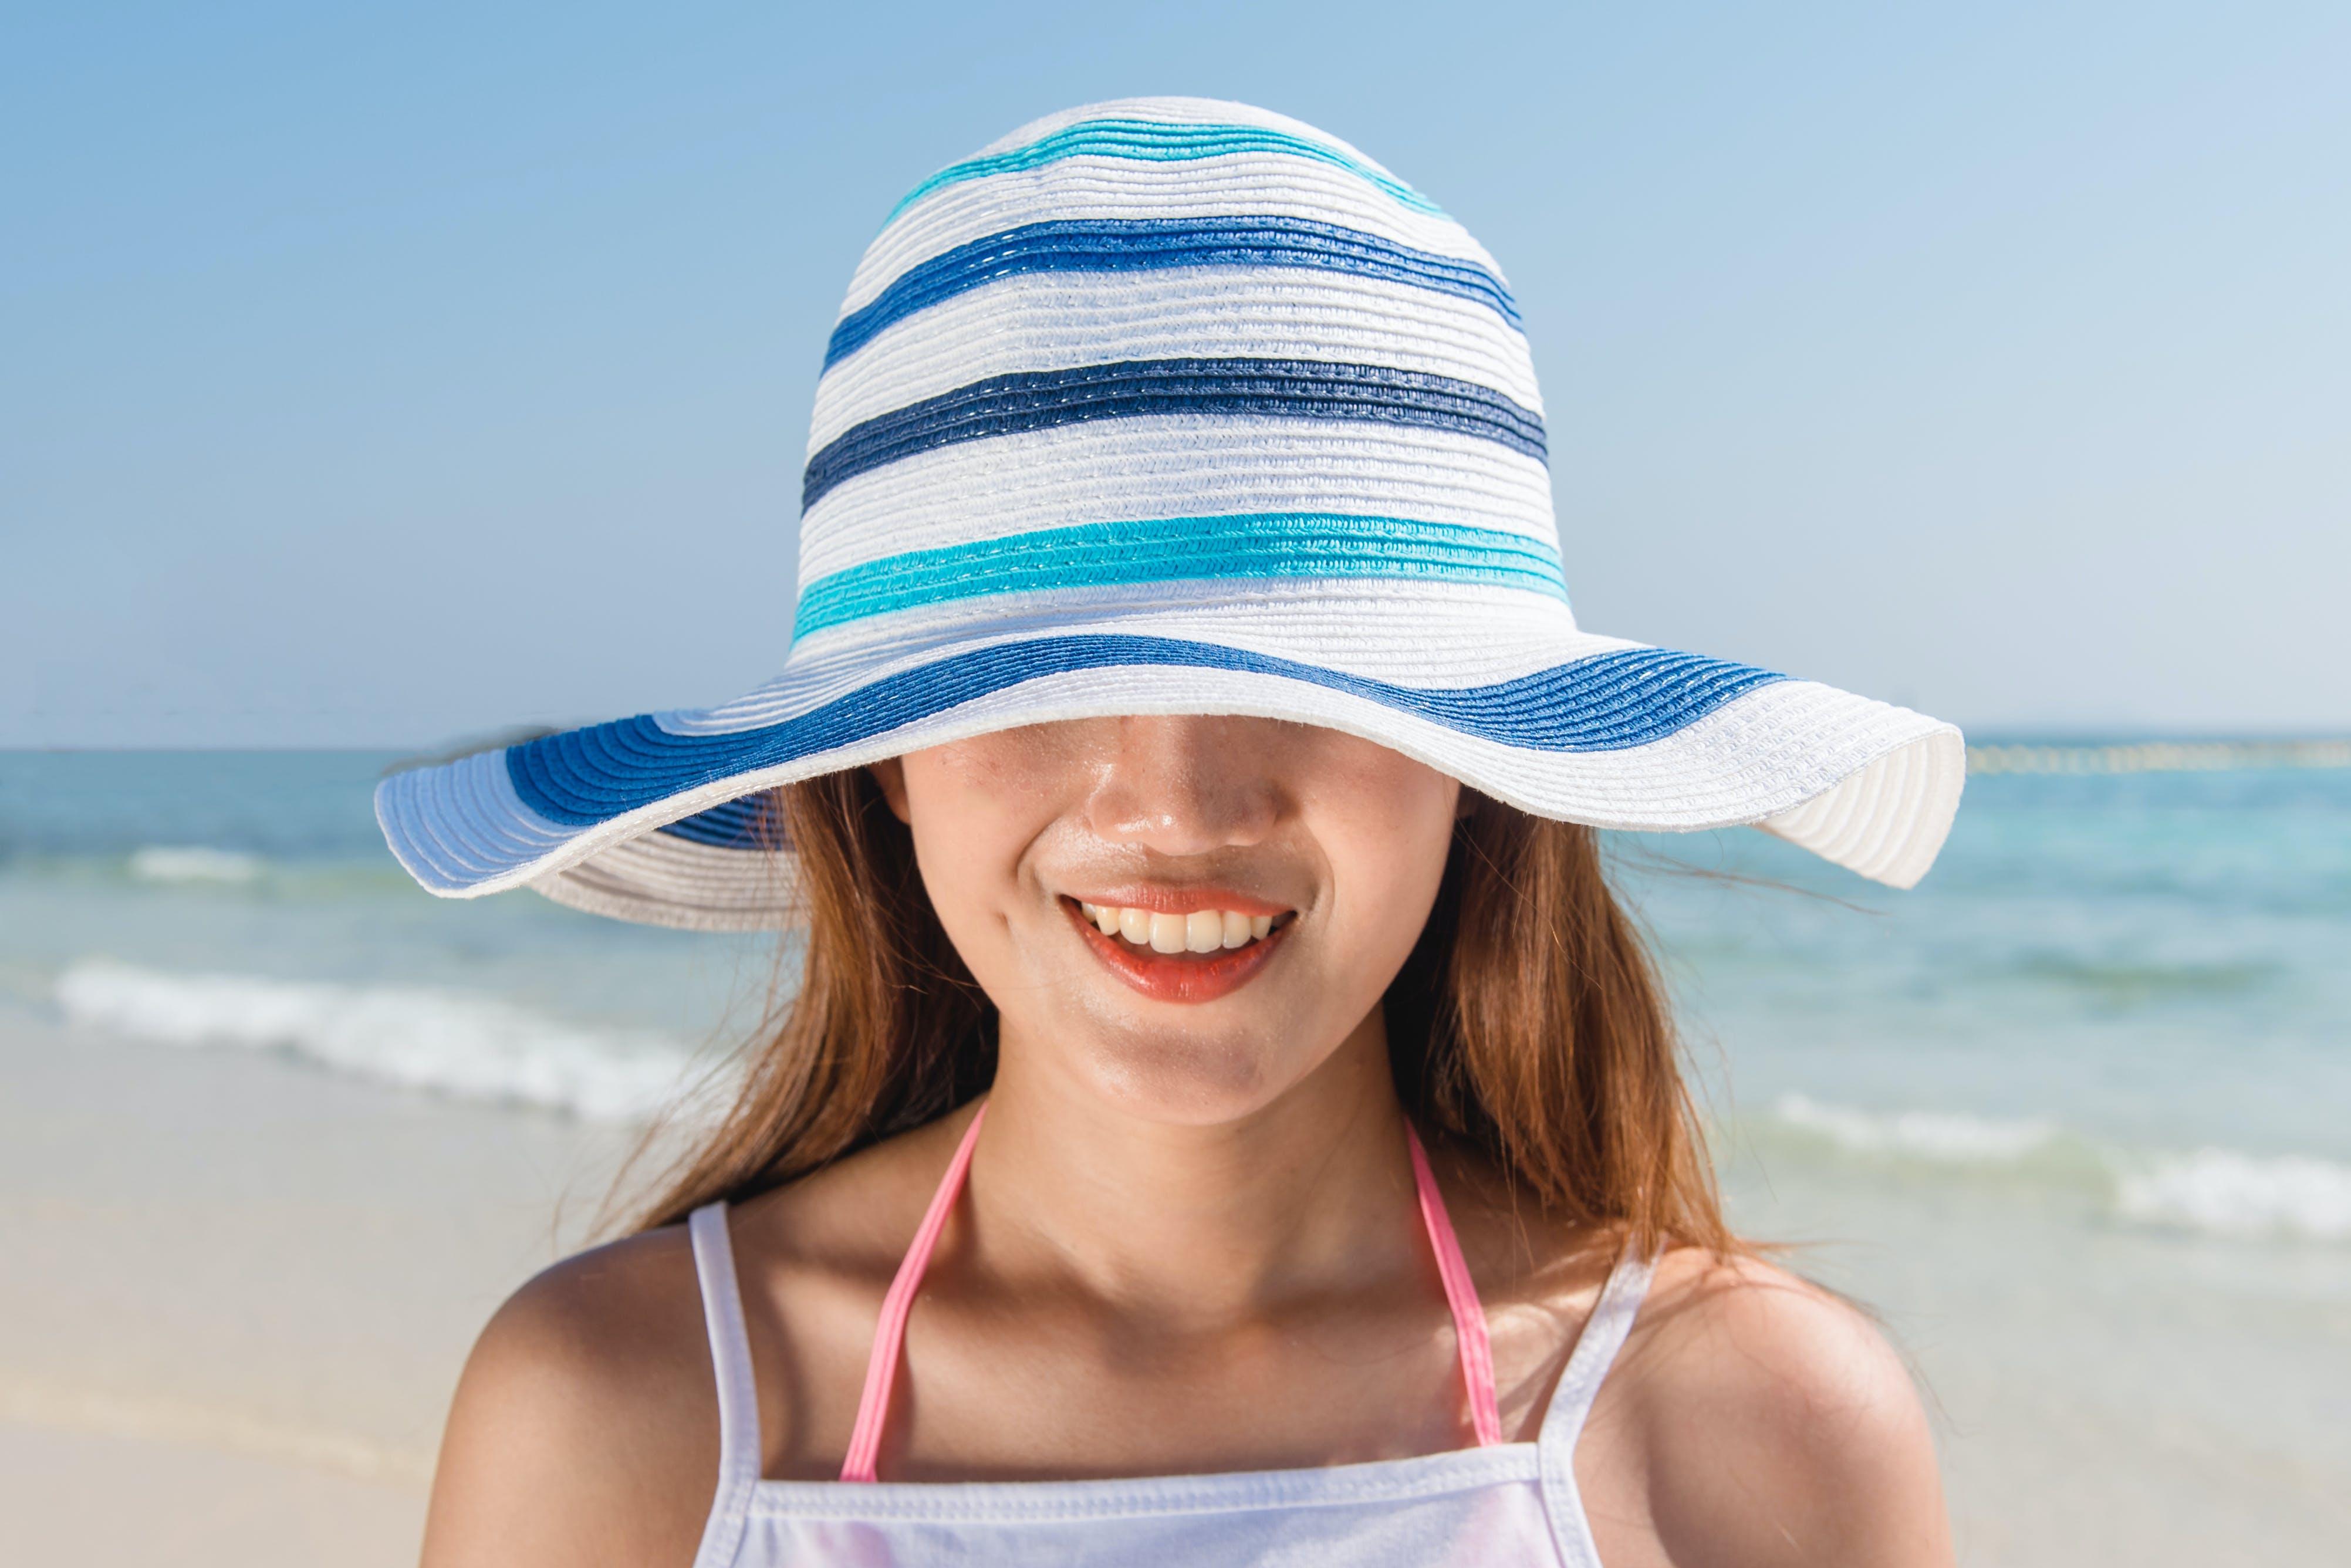 về biển, bờ biển, cát, con gái